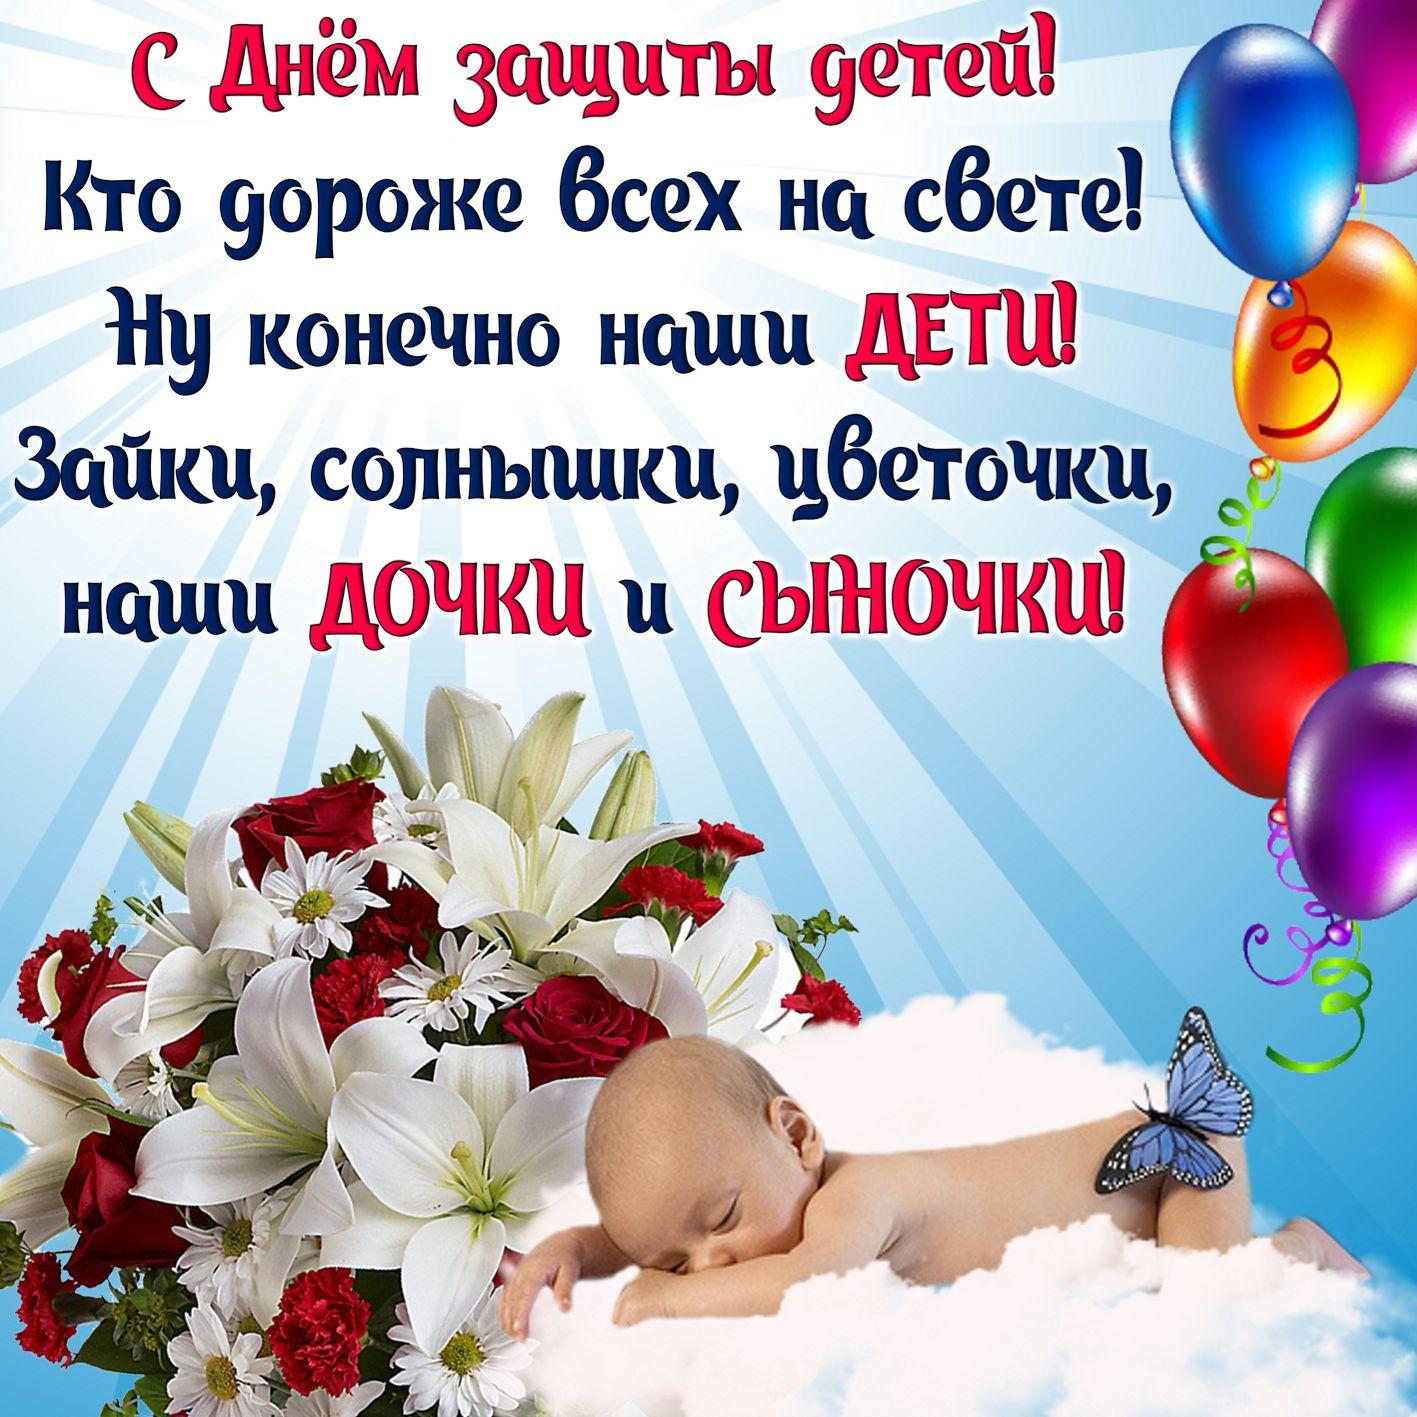 Поздравления дочке и сыночку